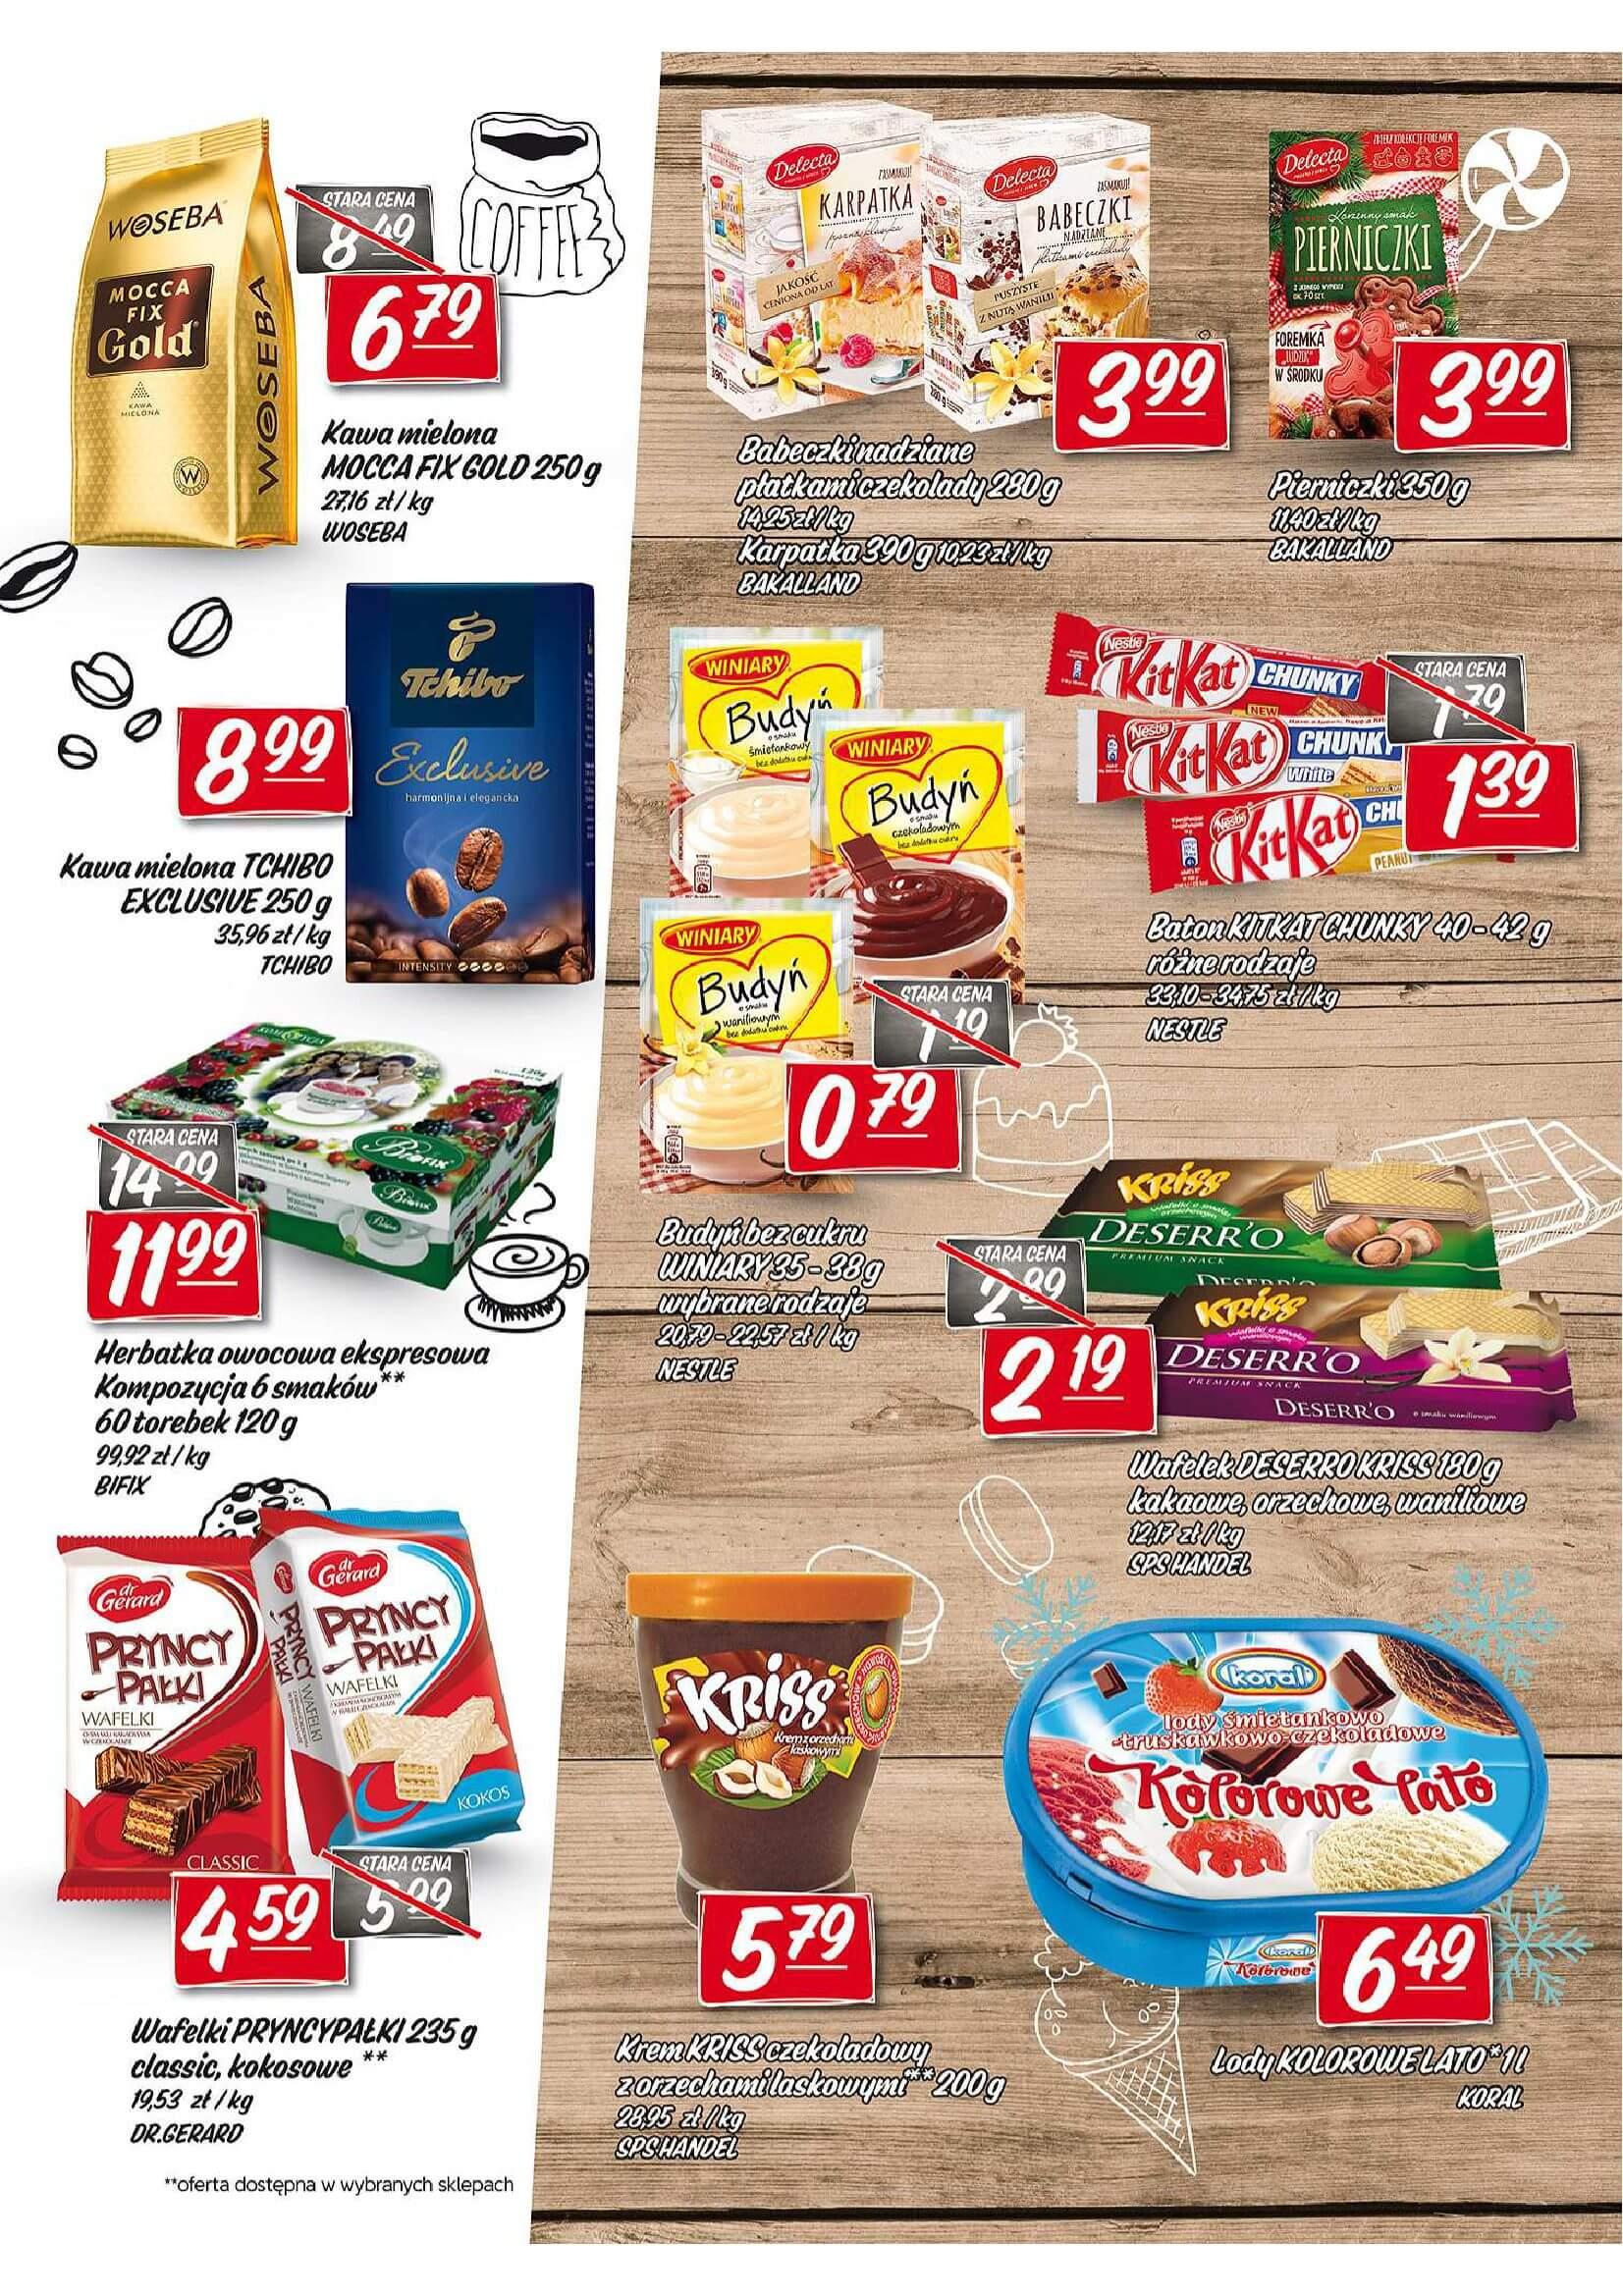 Gazetka Aldik - Oferta na artykuły spożywcze-06.12.2017-13.12.2017-page-10